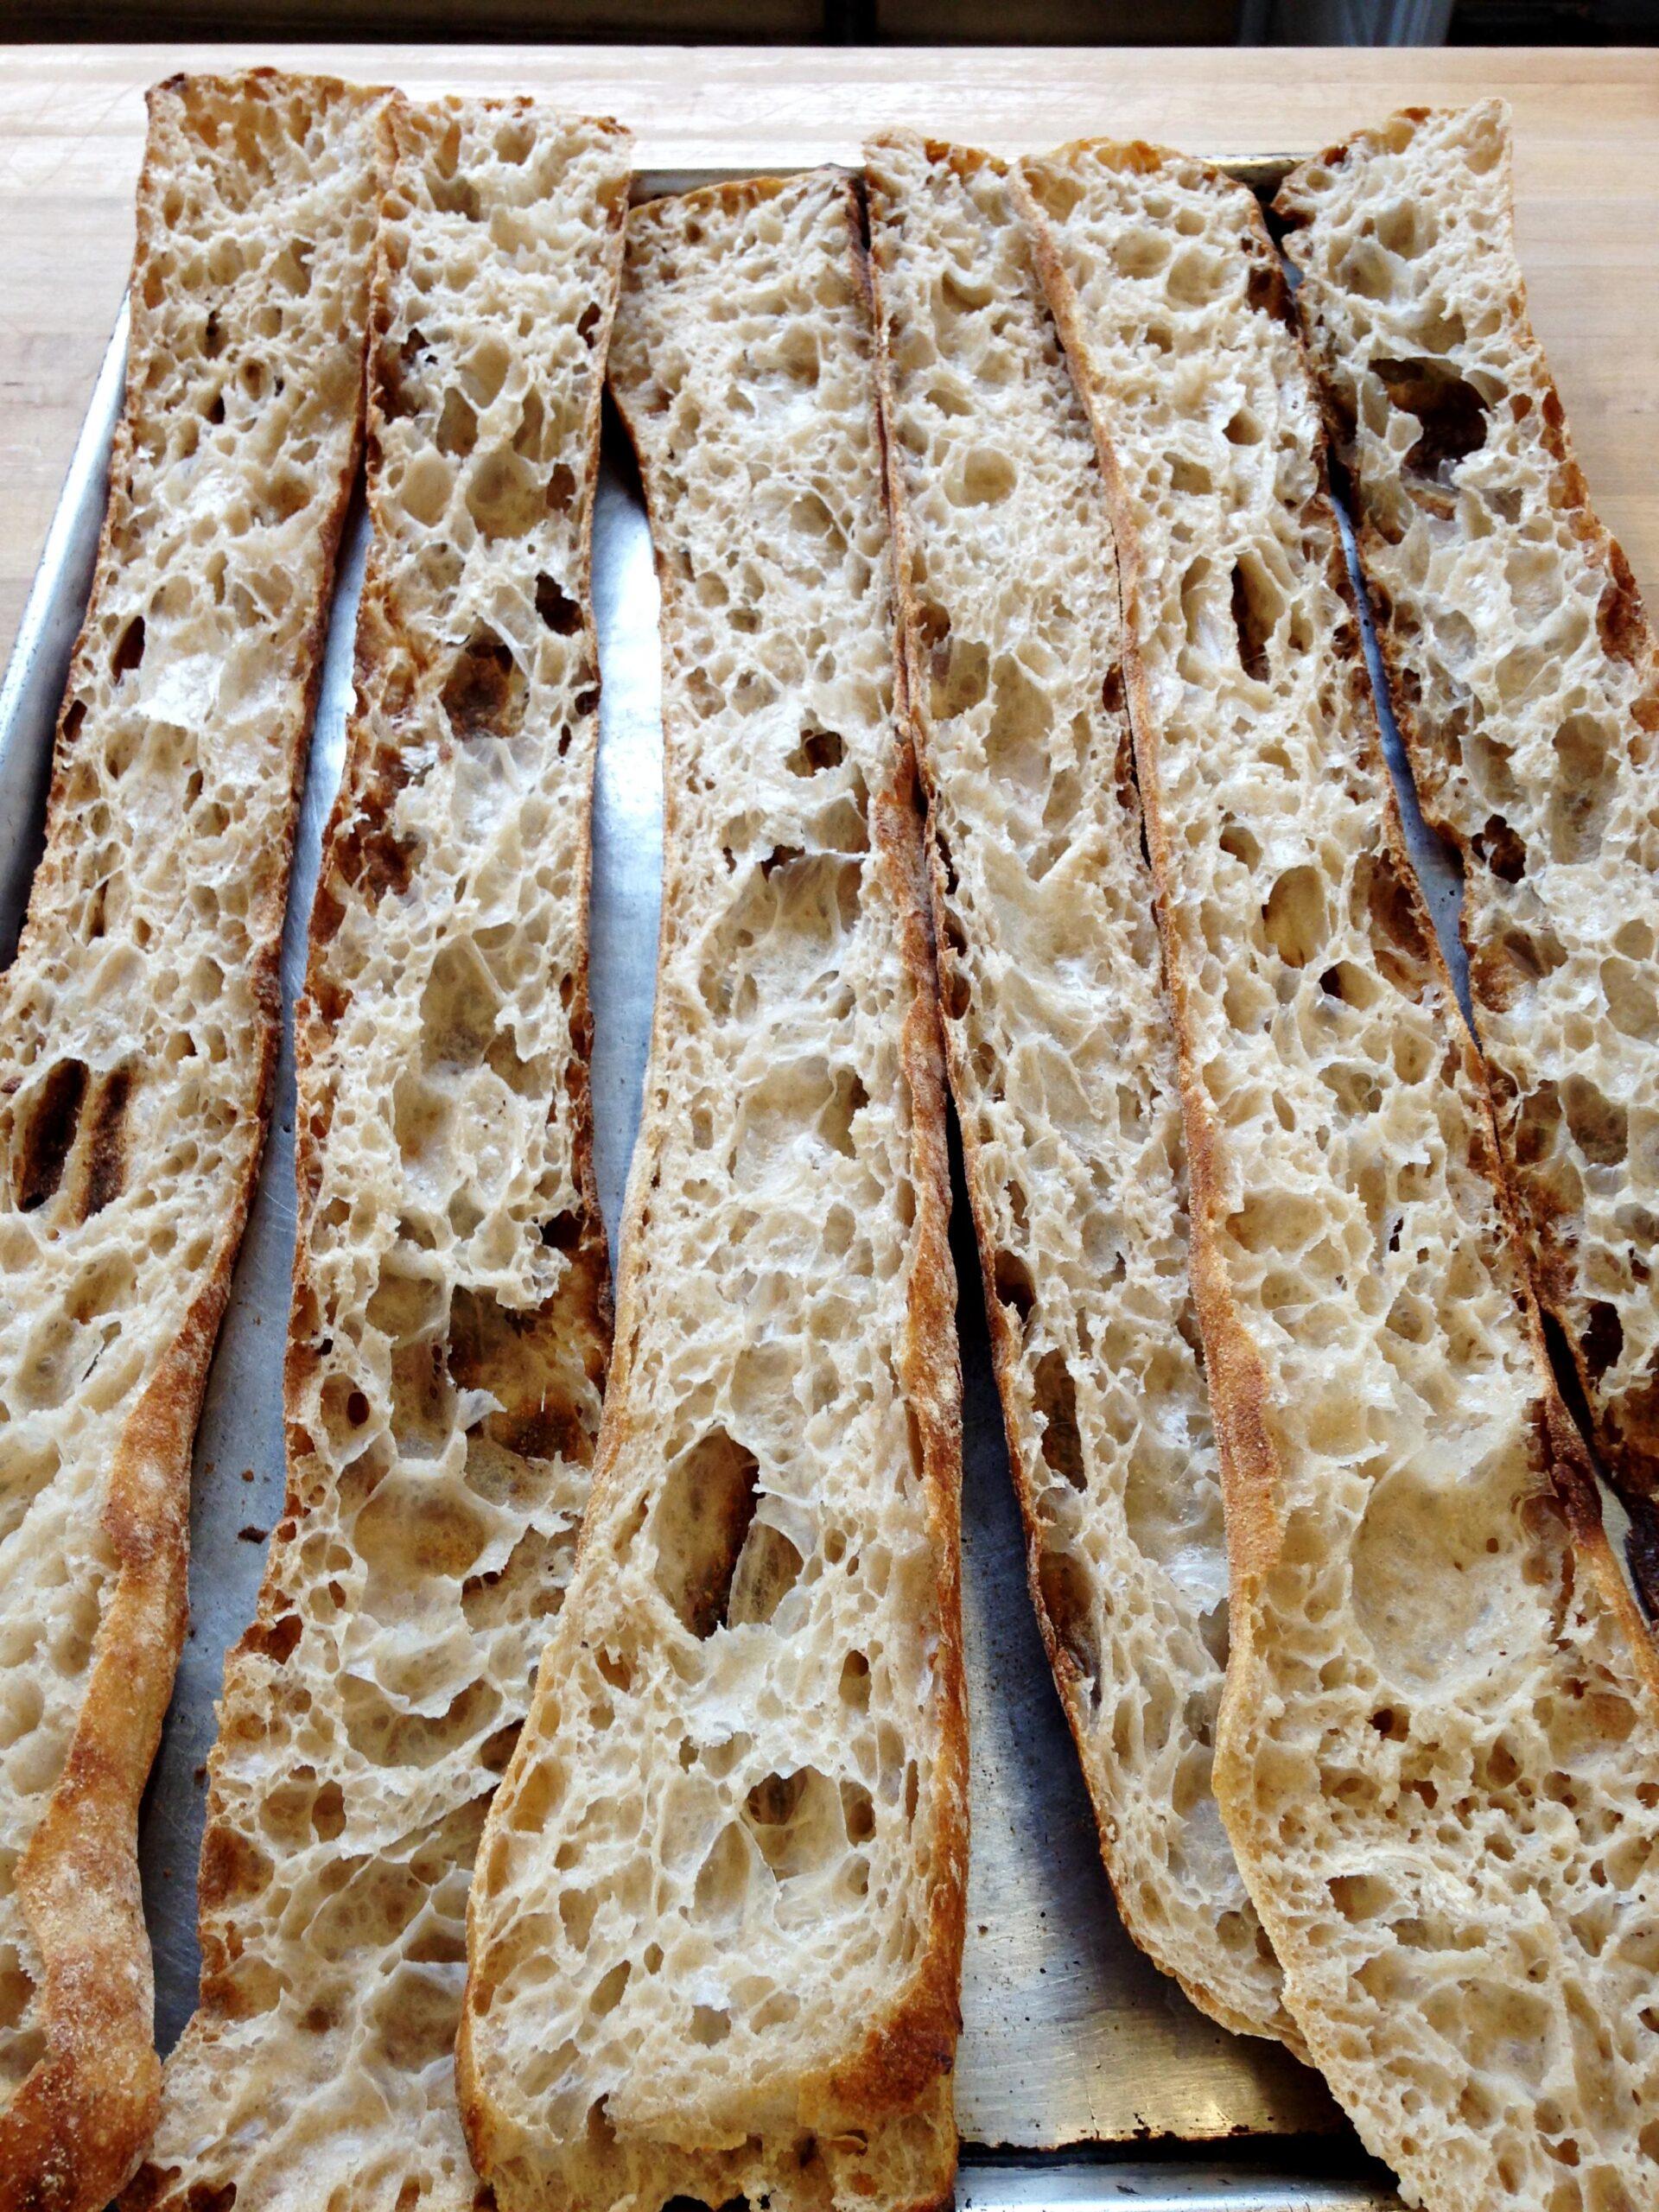 Chicago potřetí. O udržitelnosti, peci na dřevo a Pleasant House Bread